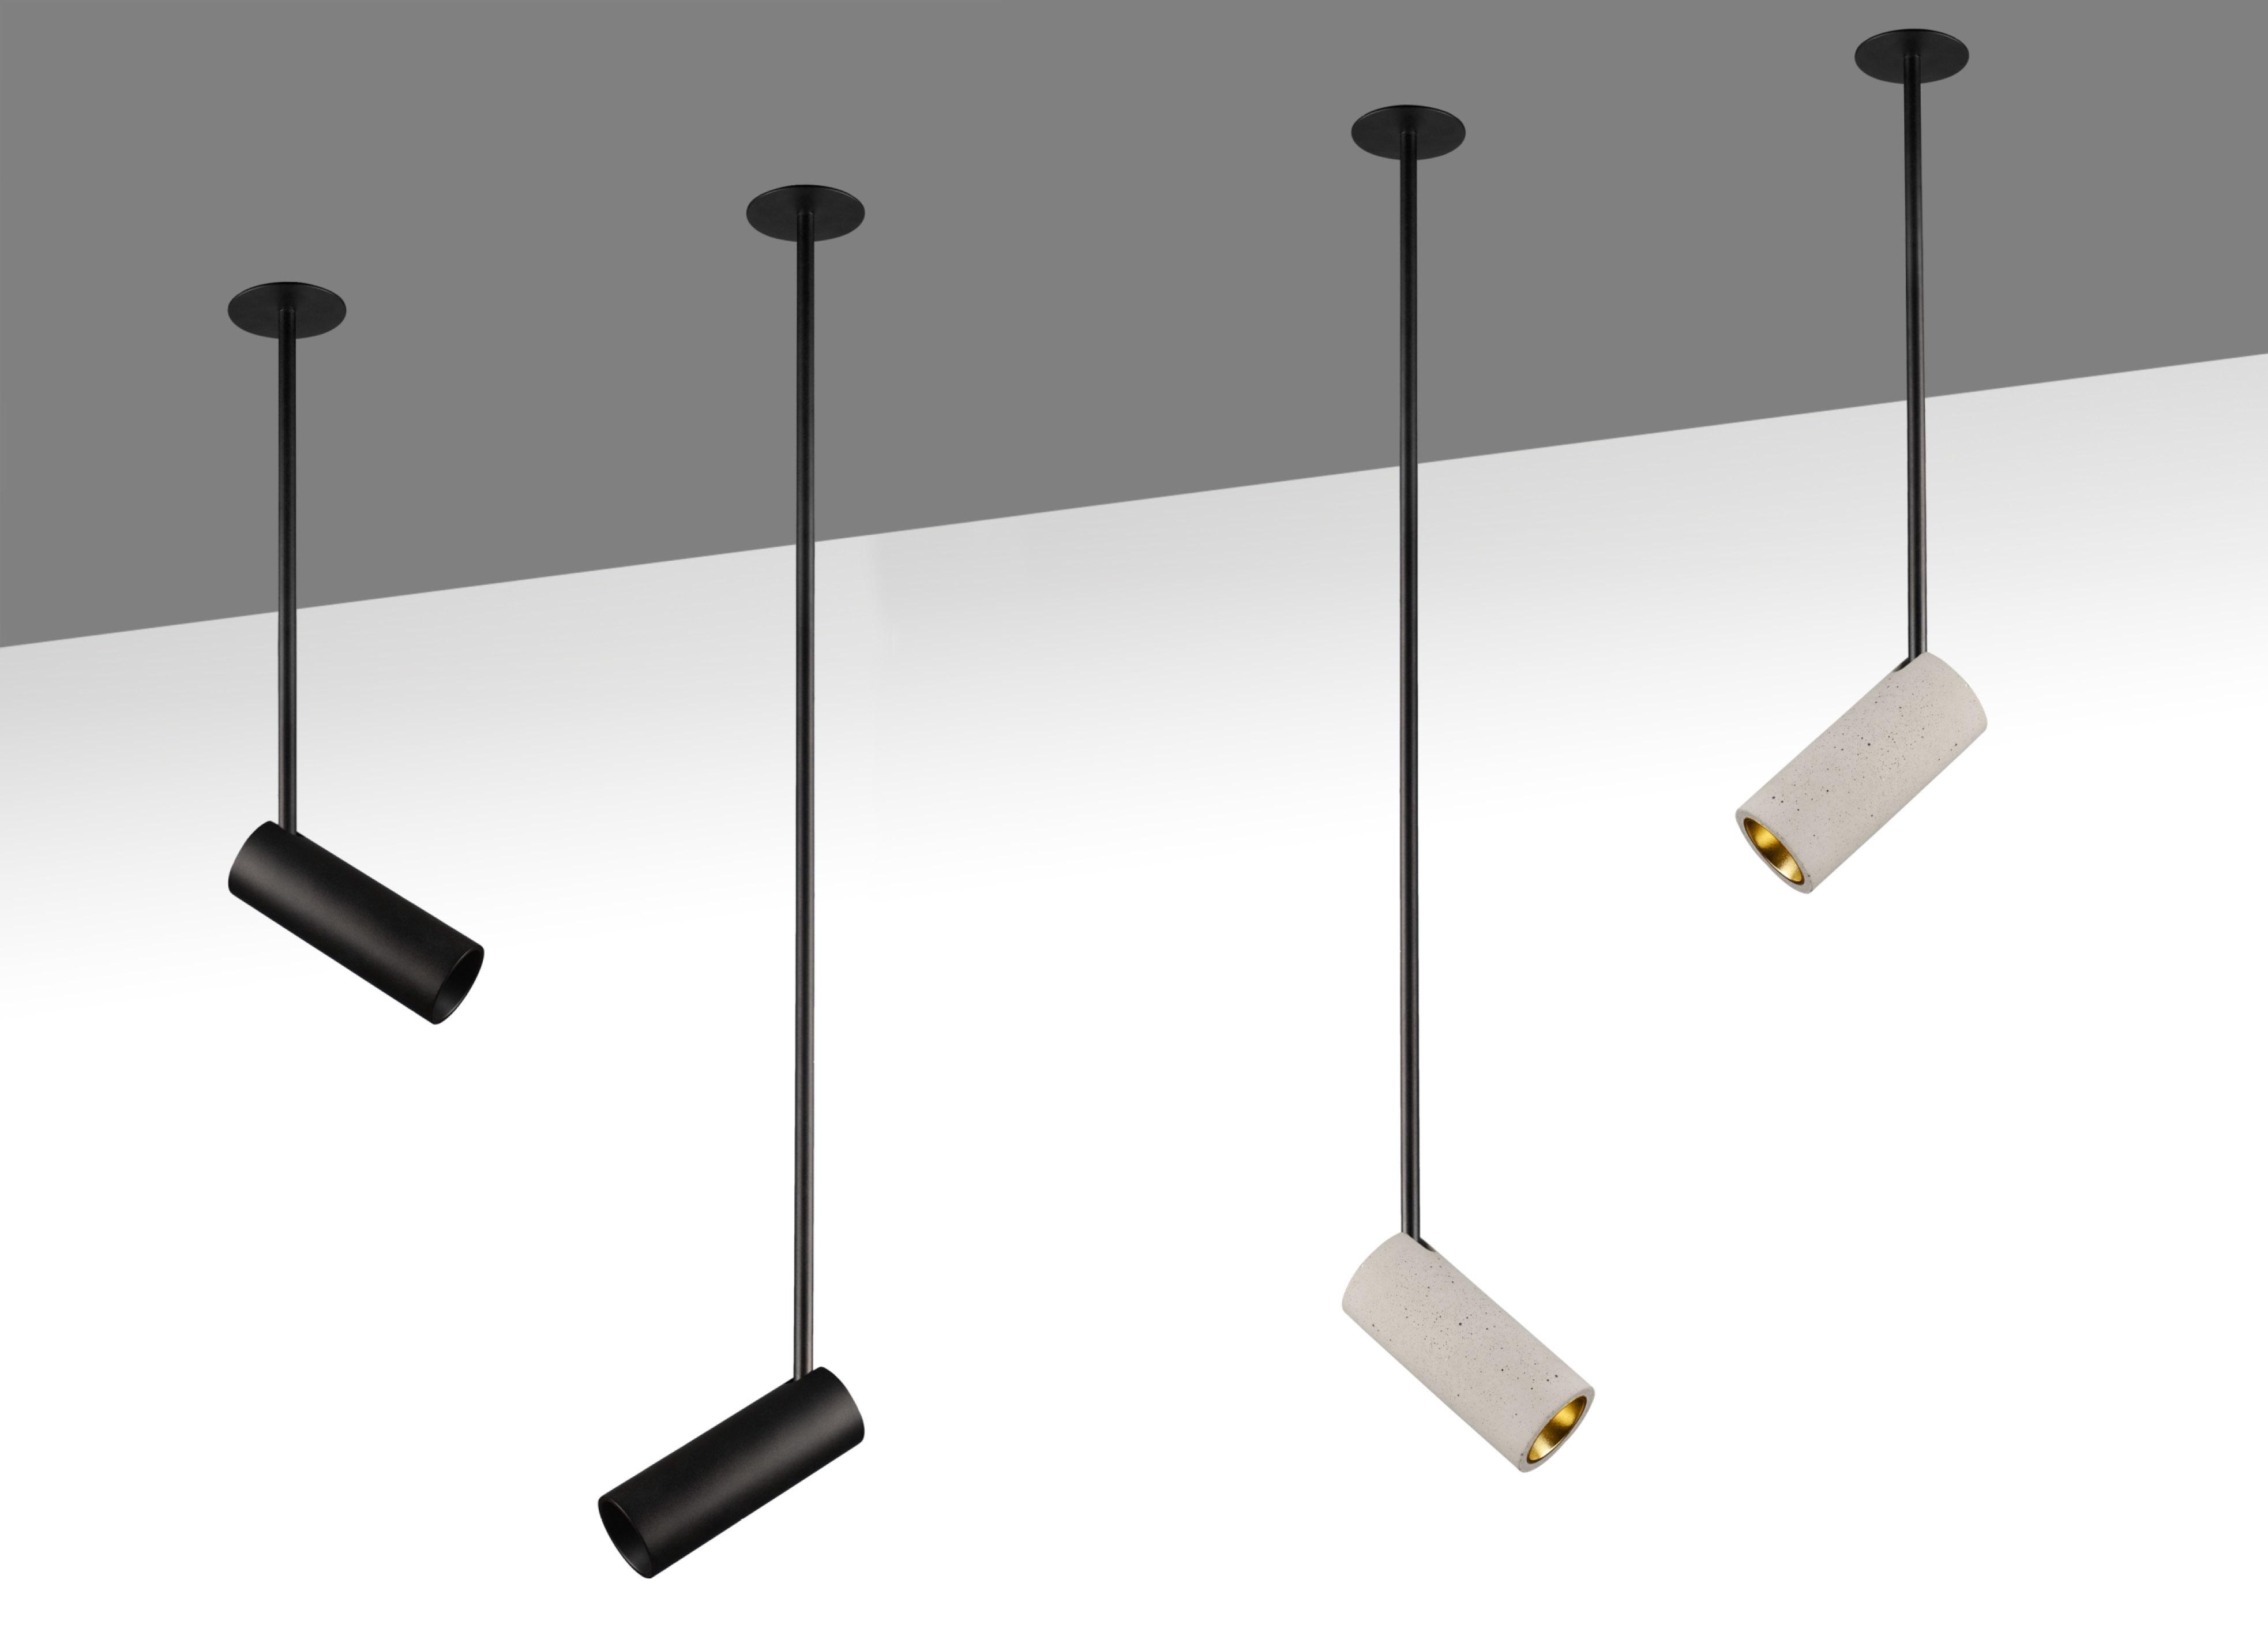 светильник купить недорого UMJ-2048